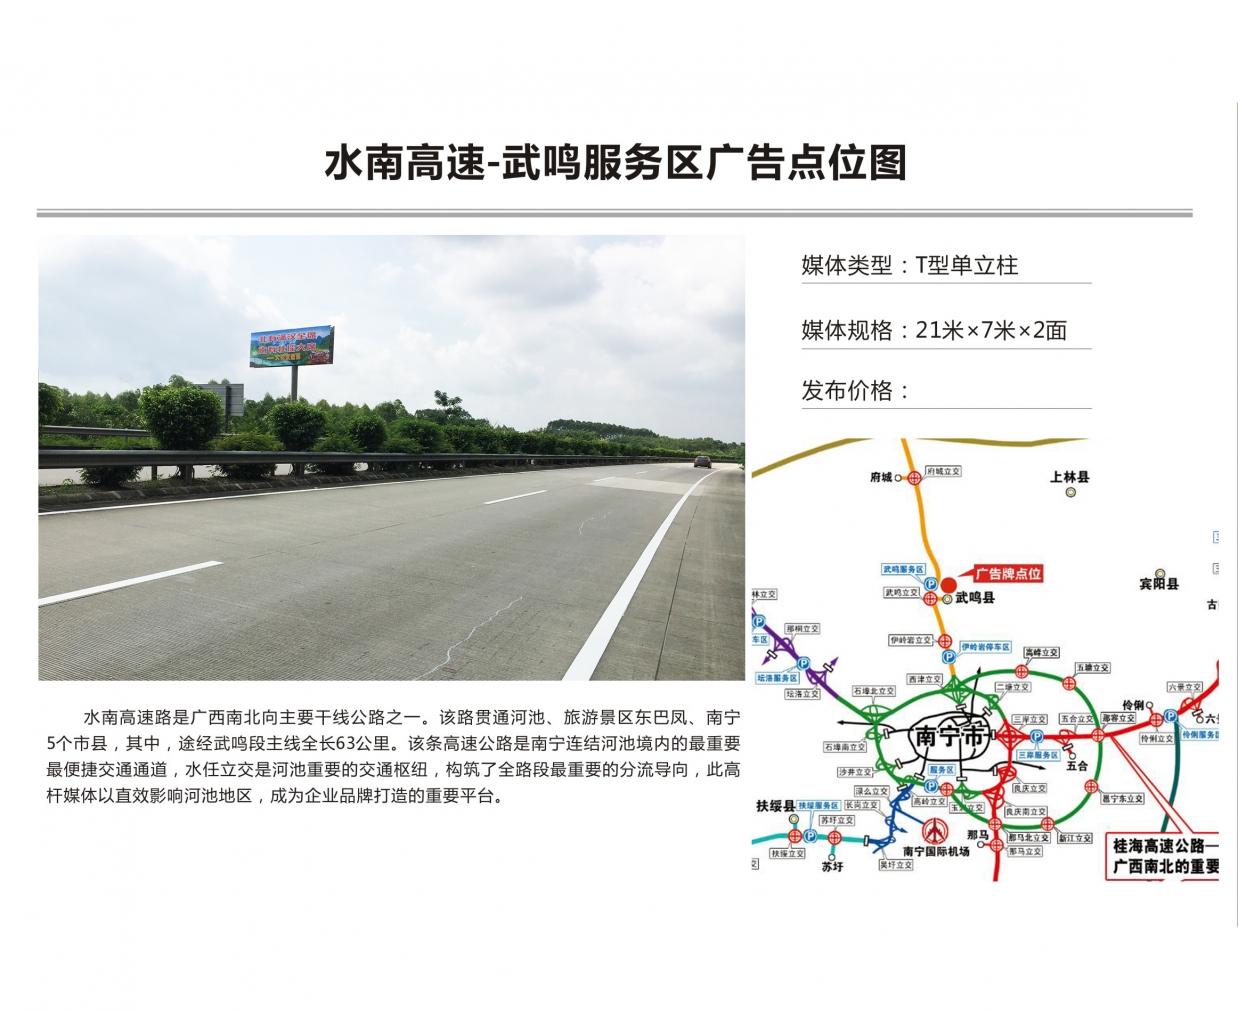 水南高速-武鸣服务区广告点位图